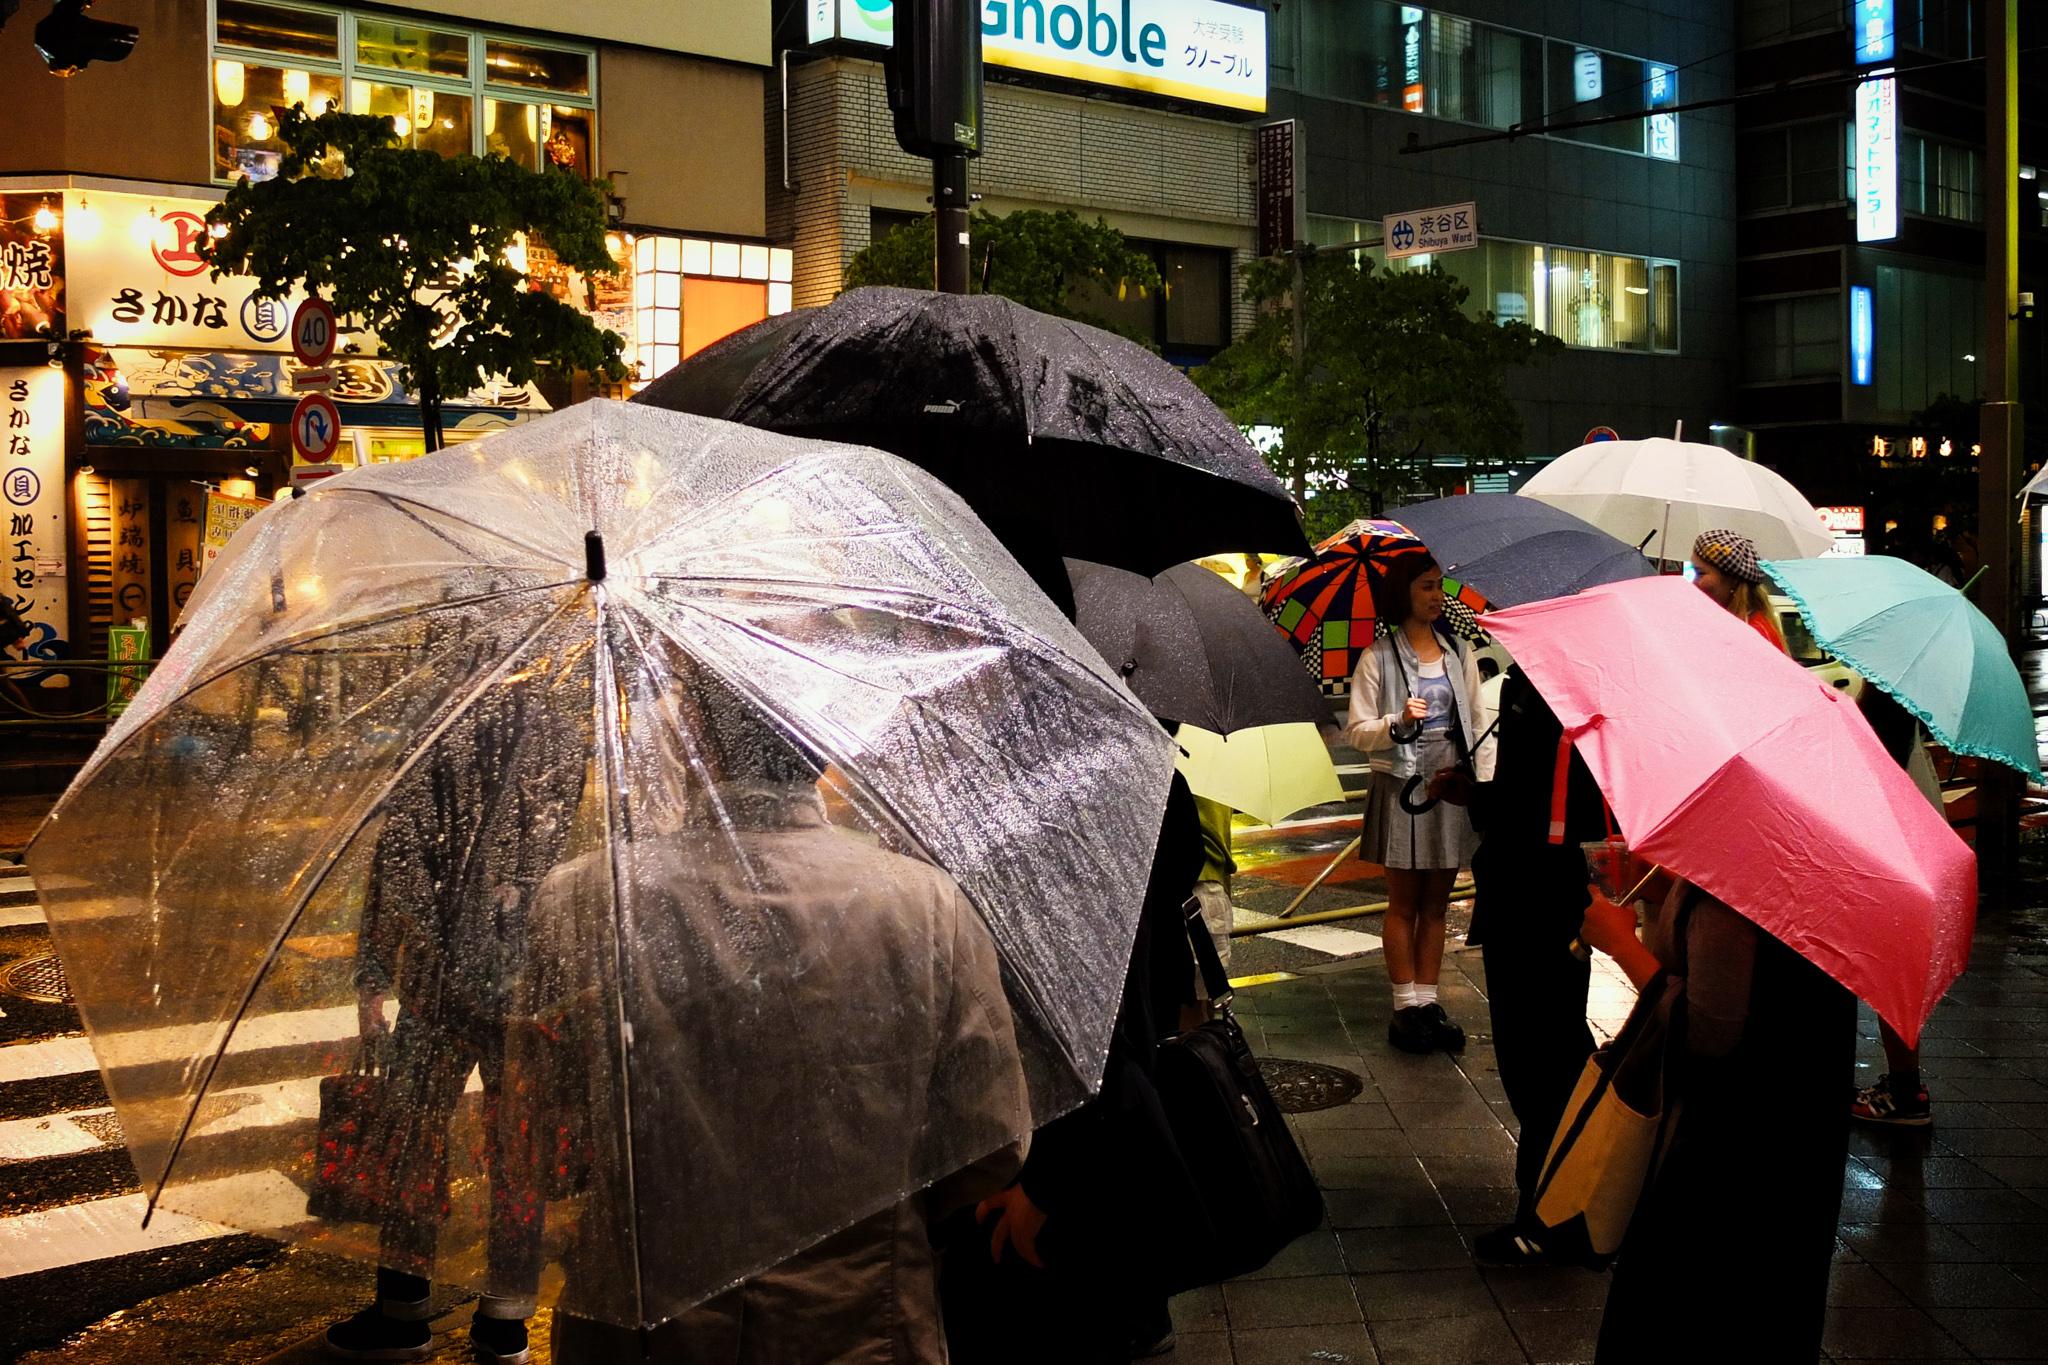 Tokyo Umbrellas